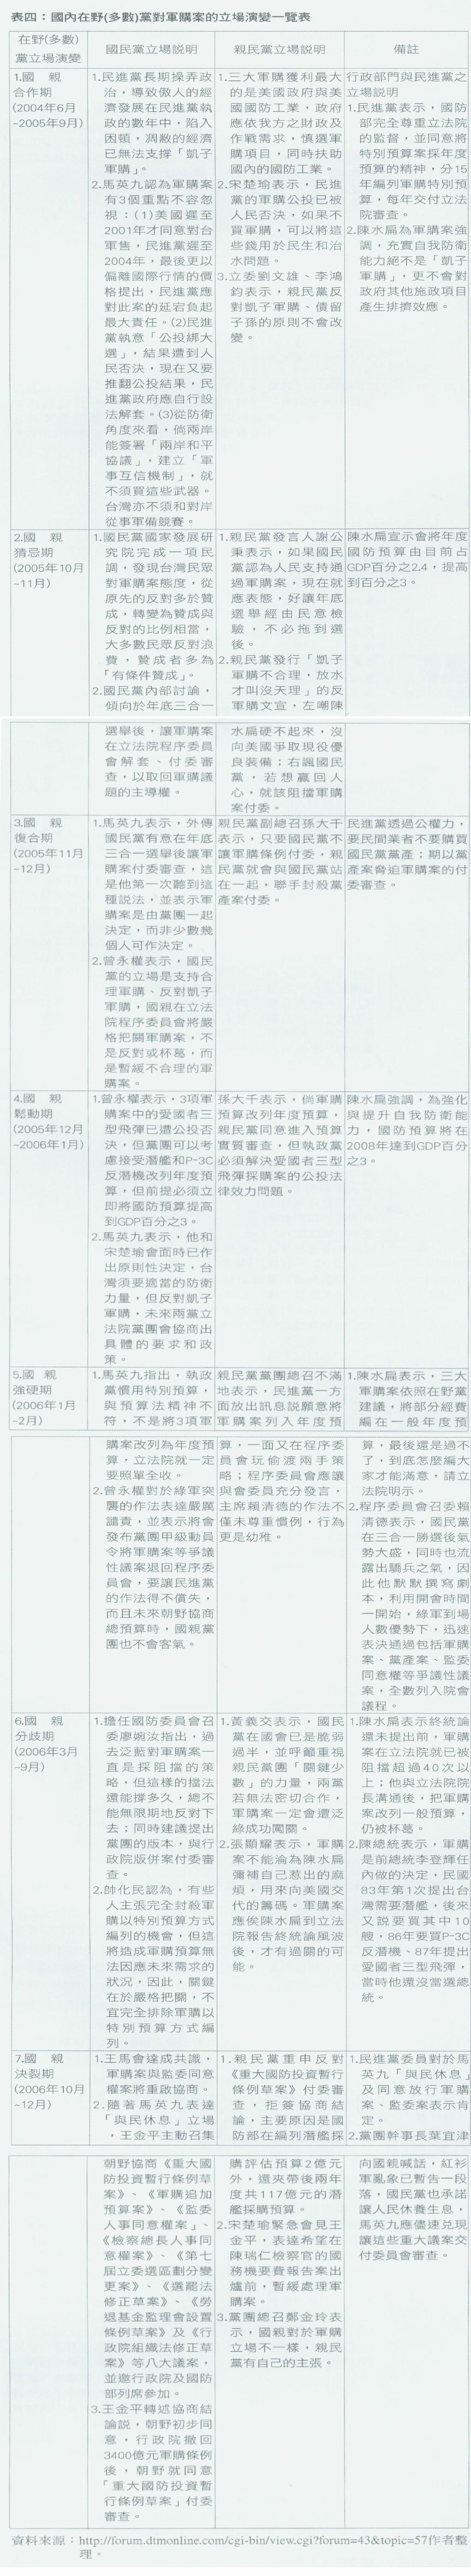 表四:國內在野(多數)黨對軍購案的立場演變一覽表[放大圖片檢視]